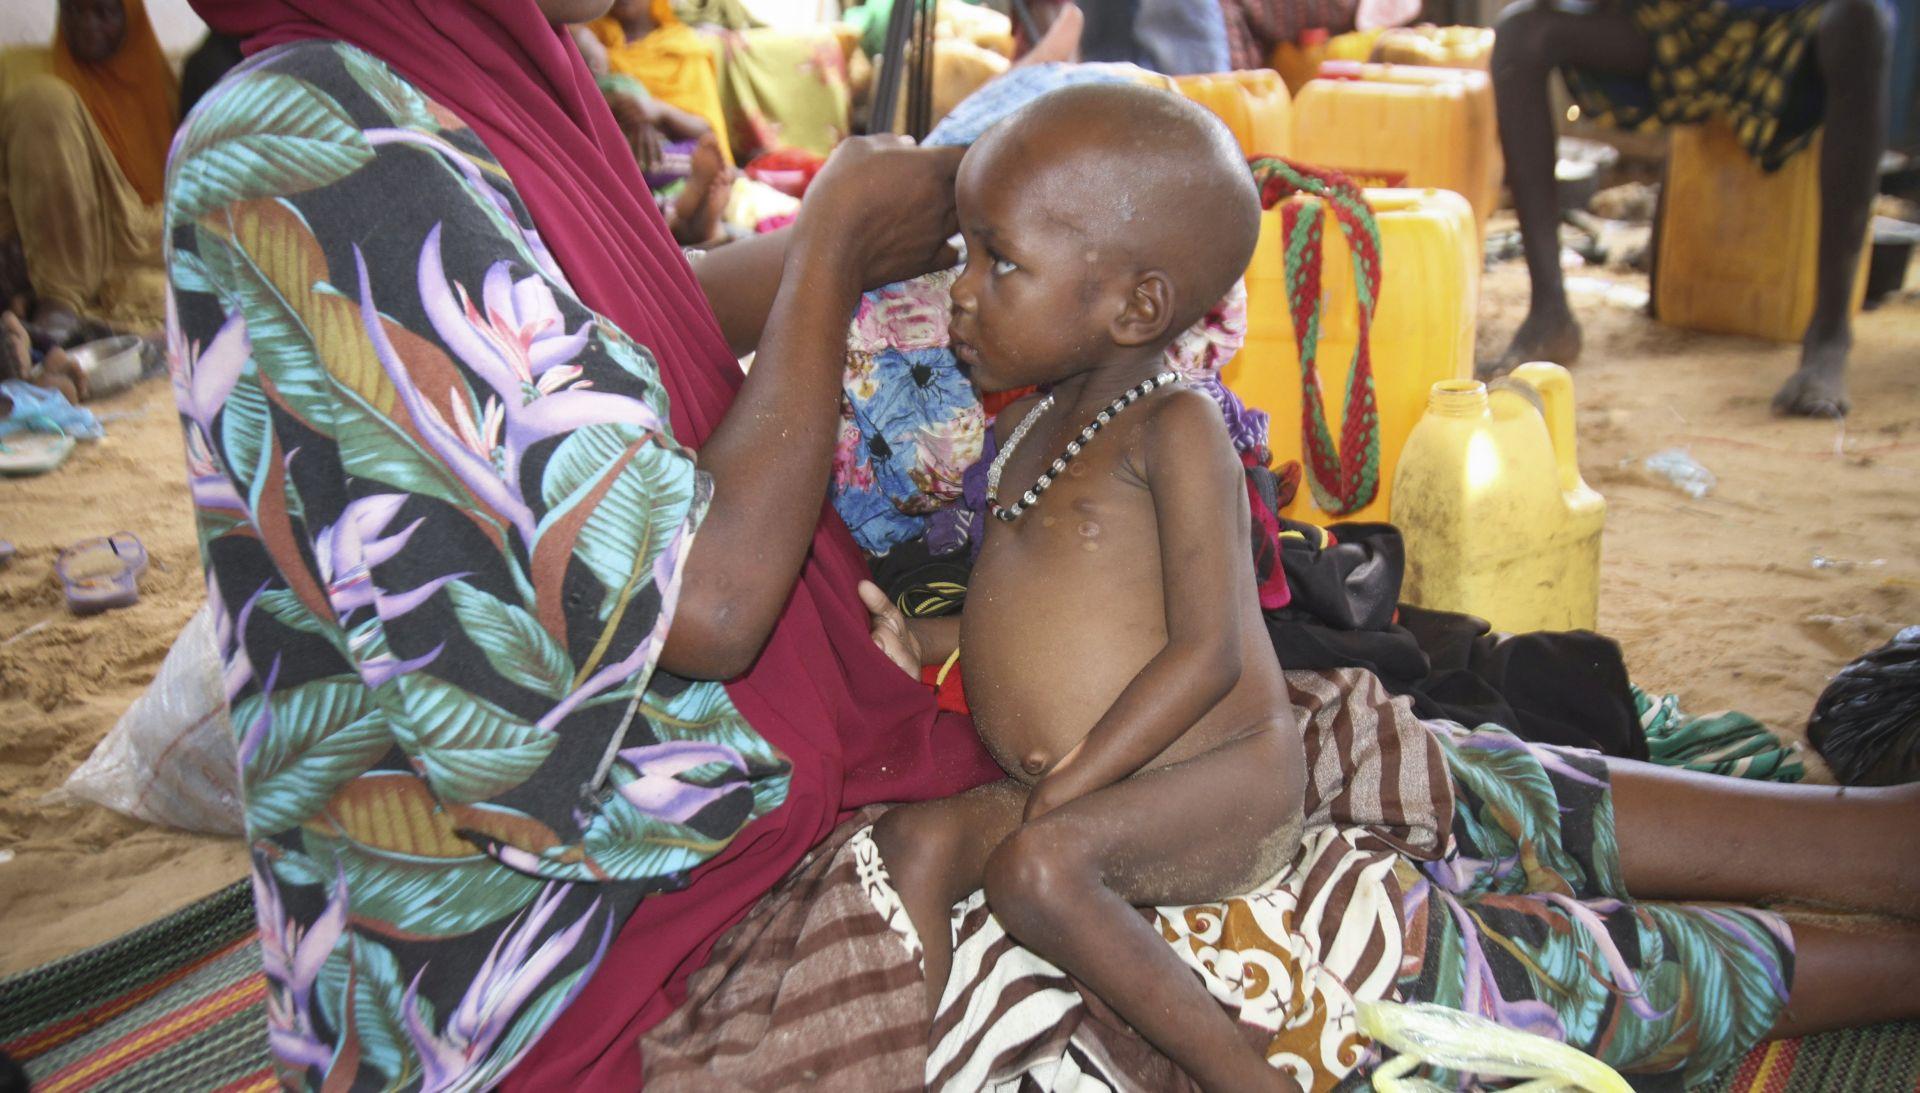 SOMALIJA U posljednjih 36 sati od gladi umrlo najmanje 26 osoba